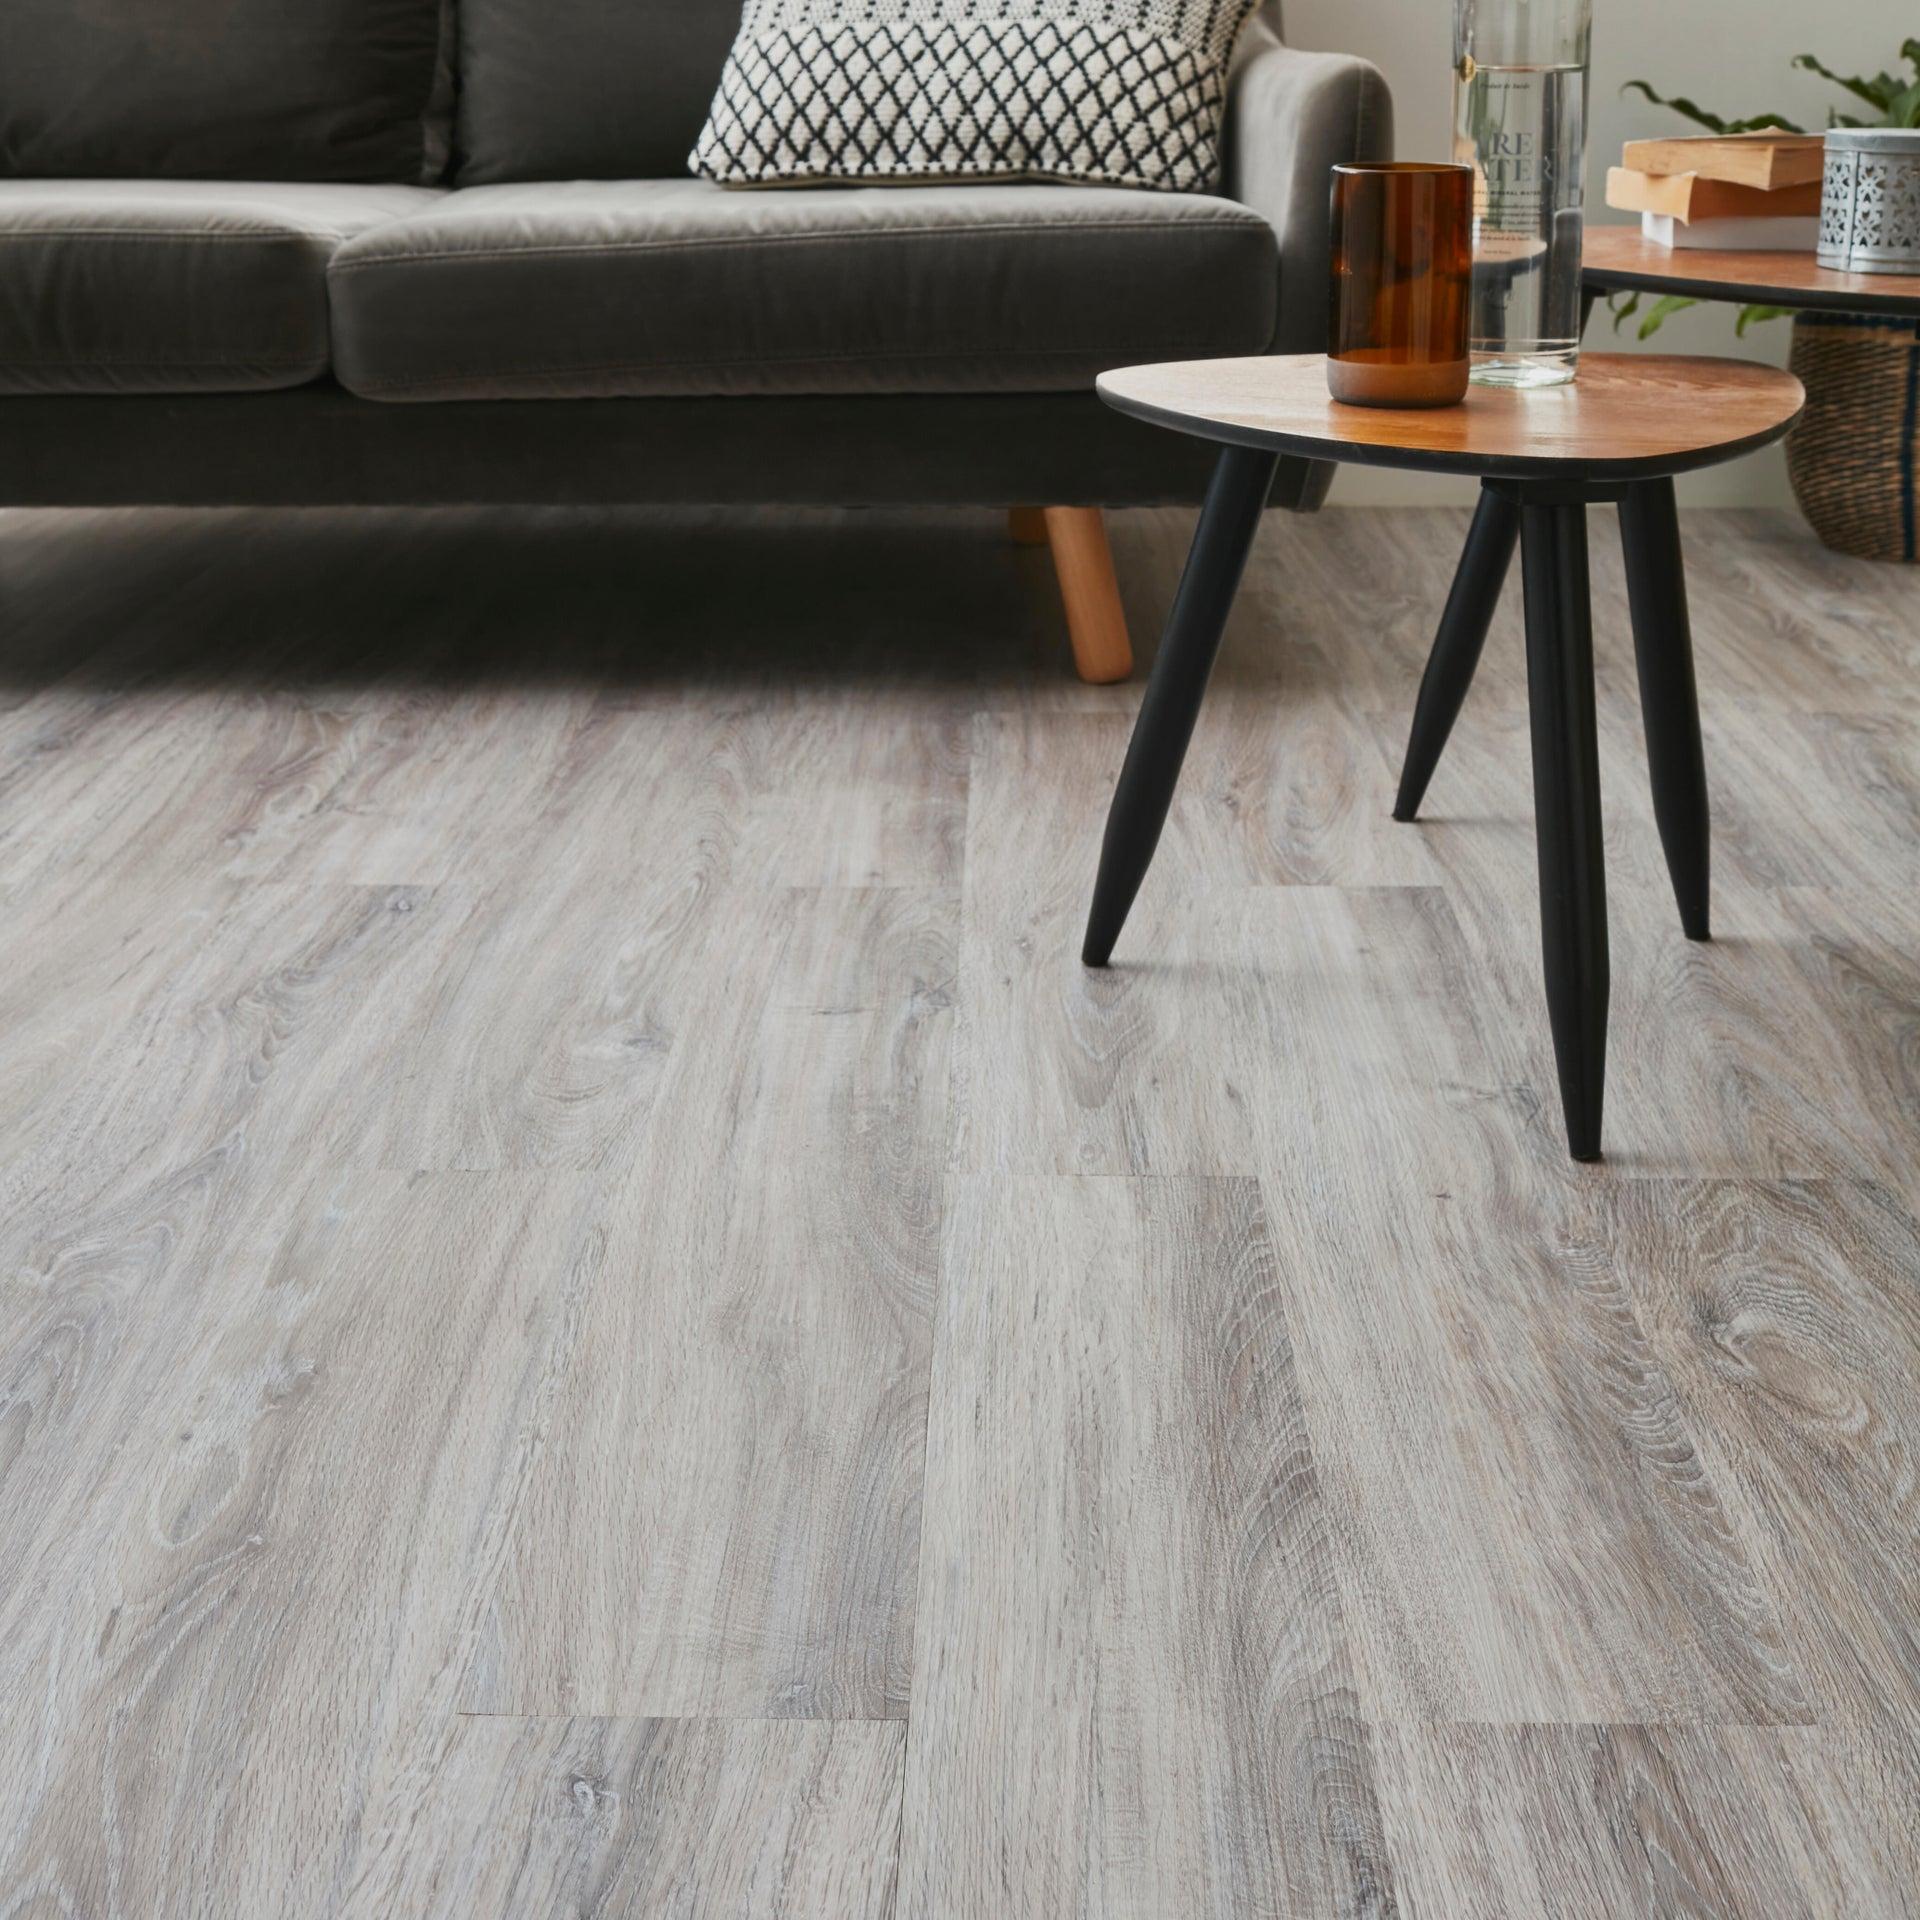 Pavimento PVC adesivo Mayum Sp 2 mm grigio / argento - 2